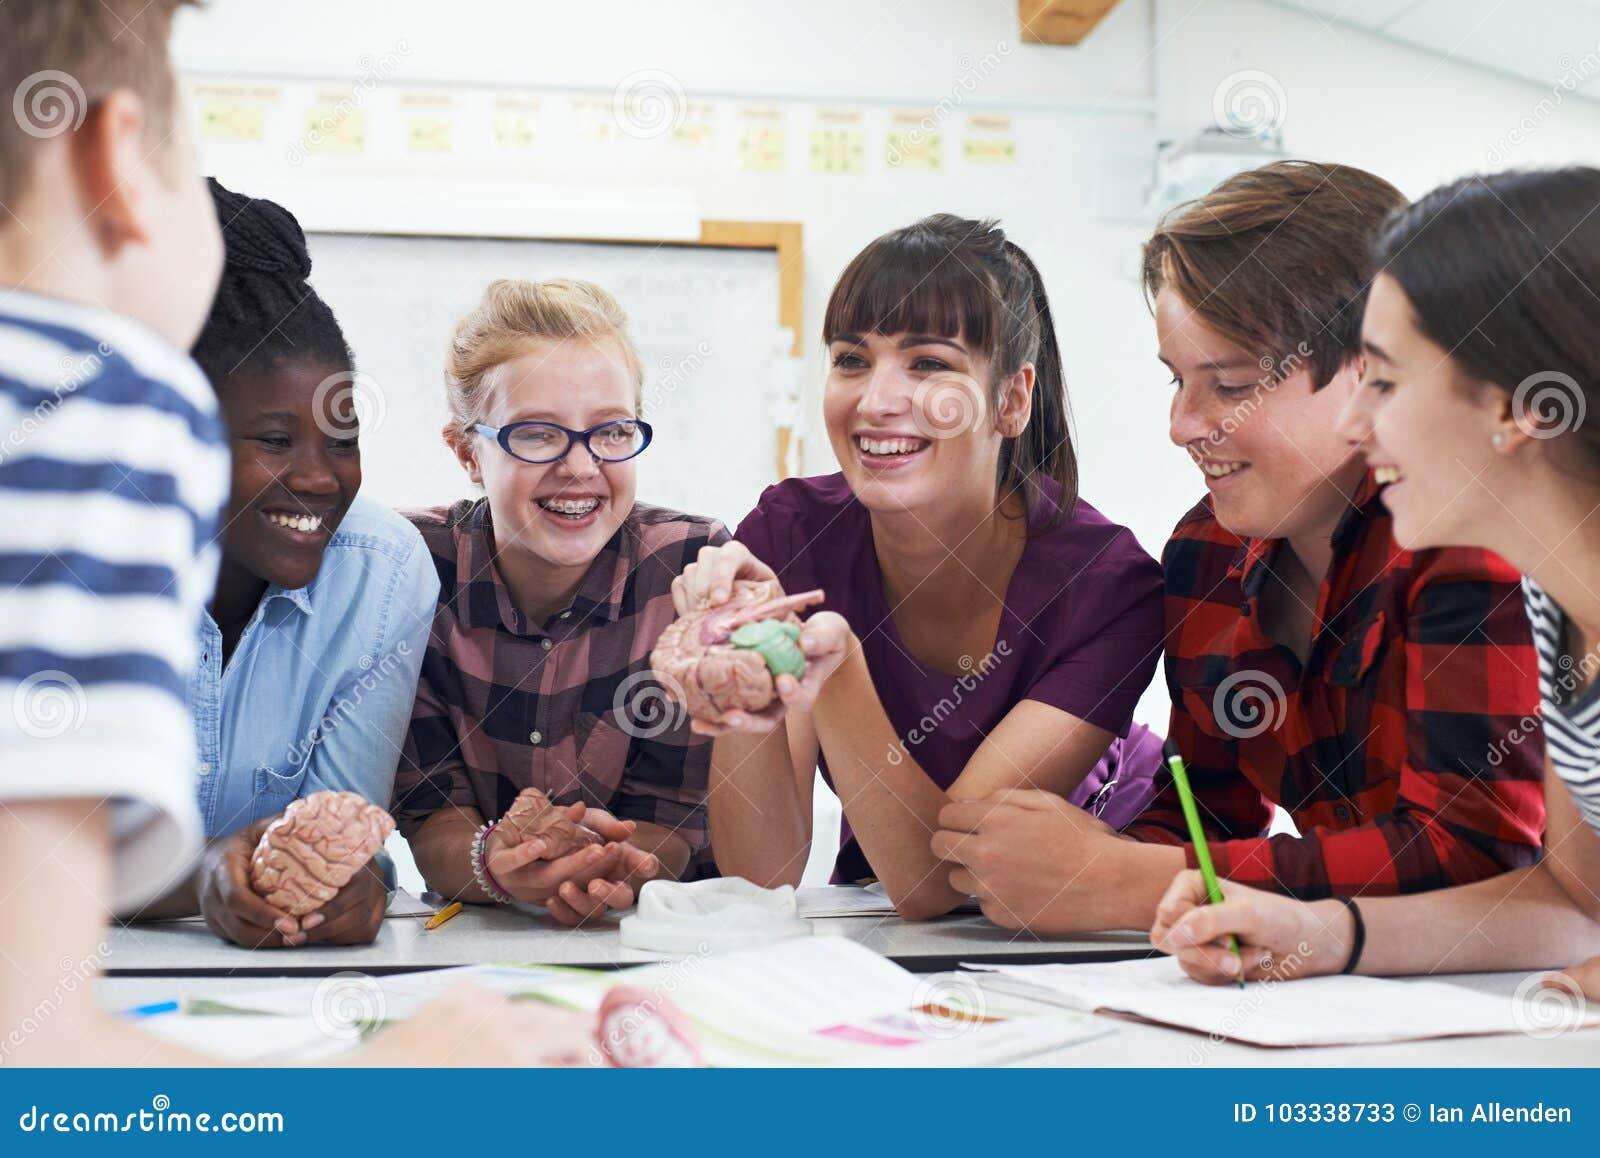 Εφηβικοί σπουδαστές με το δάσκαλο στο μάθημα βιολογίας